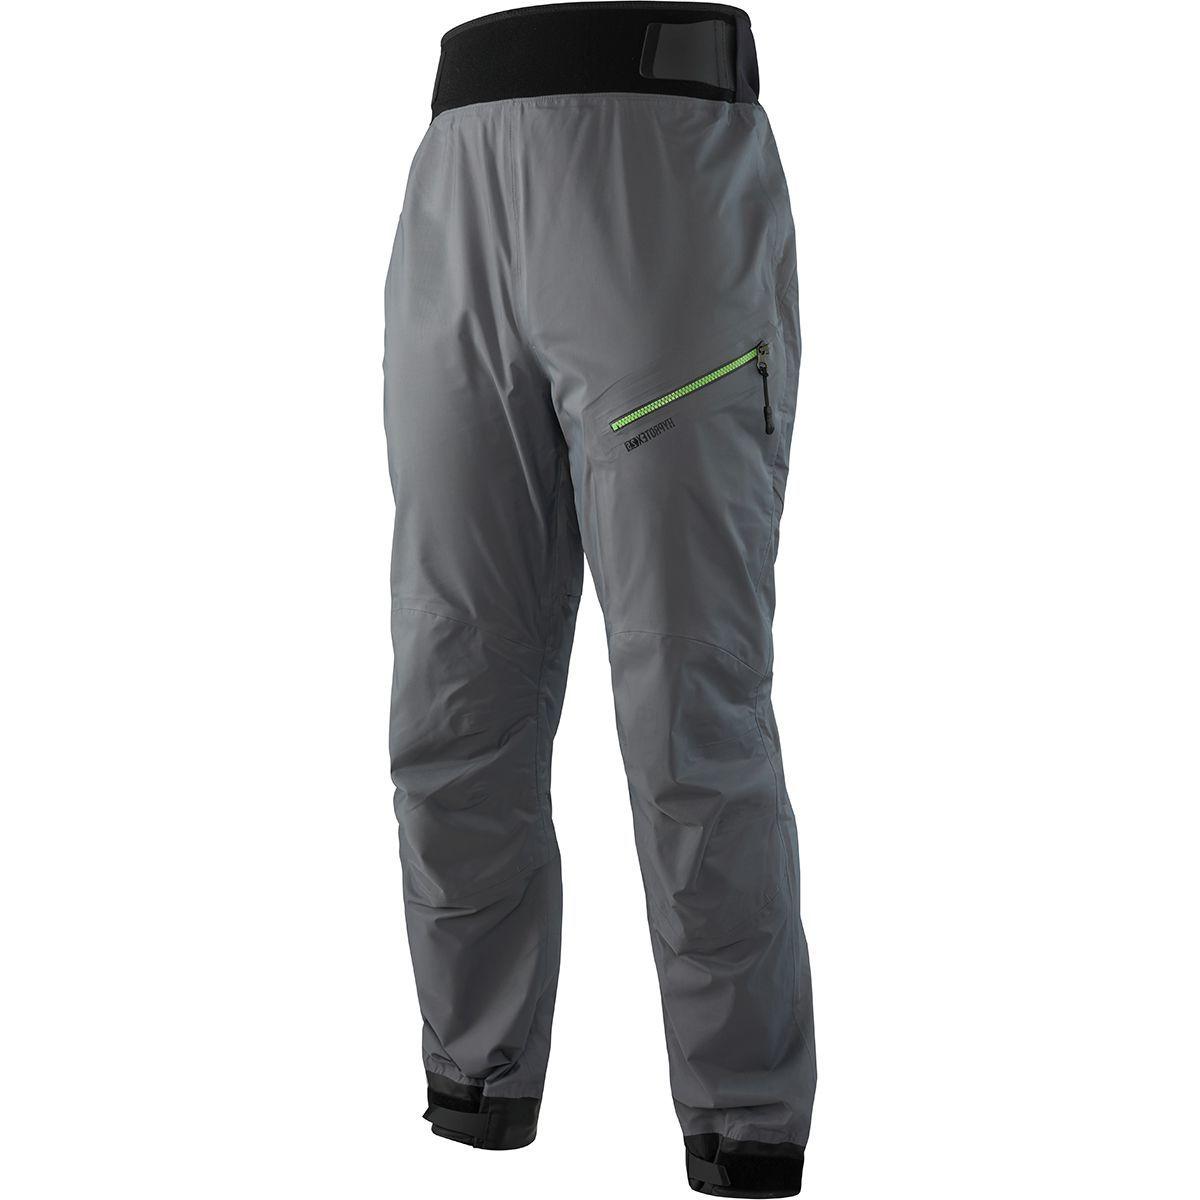 NRS Endurance Splash Pant - Men's